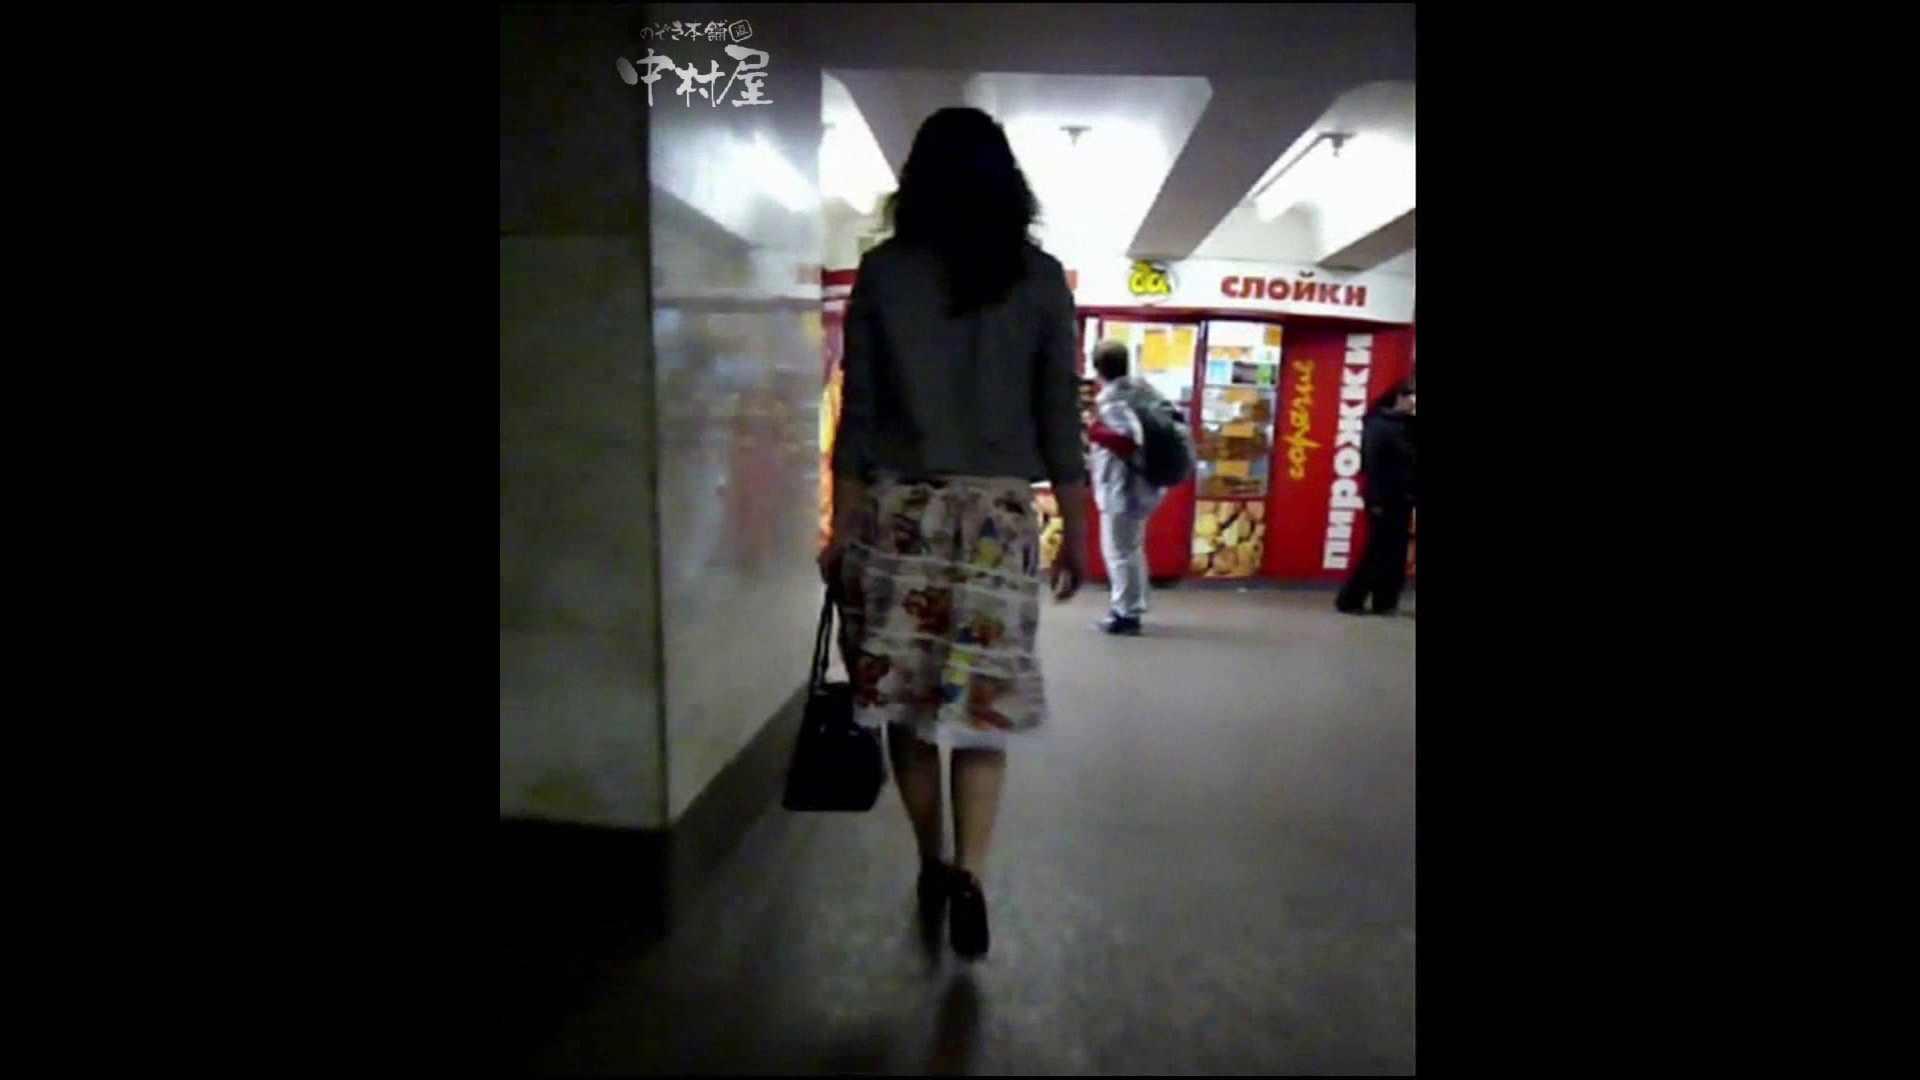 綺麗なモデルさんのスカート捲っちゃおう‼ vol28 お姉さんのエロ動画 | 0  111PIX 71